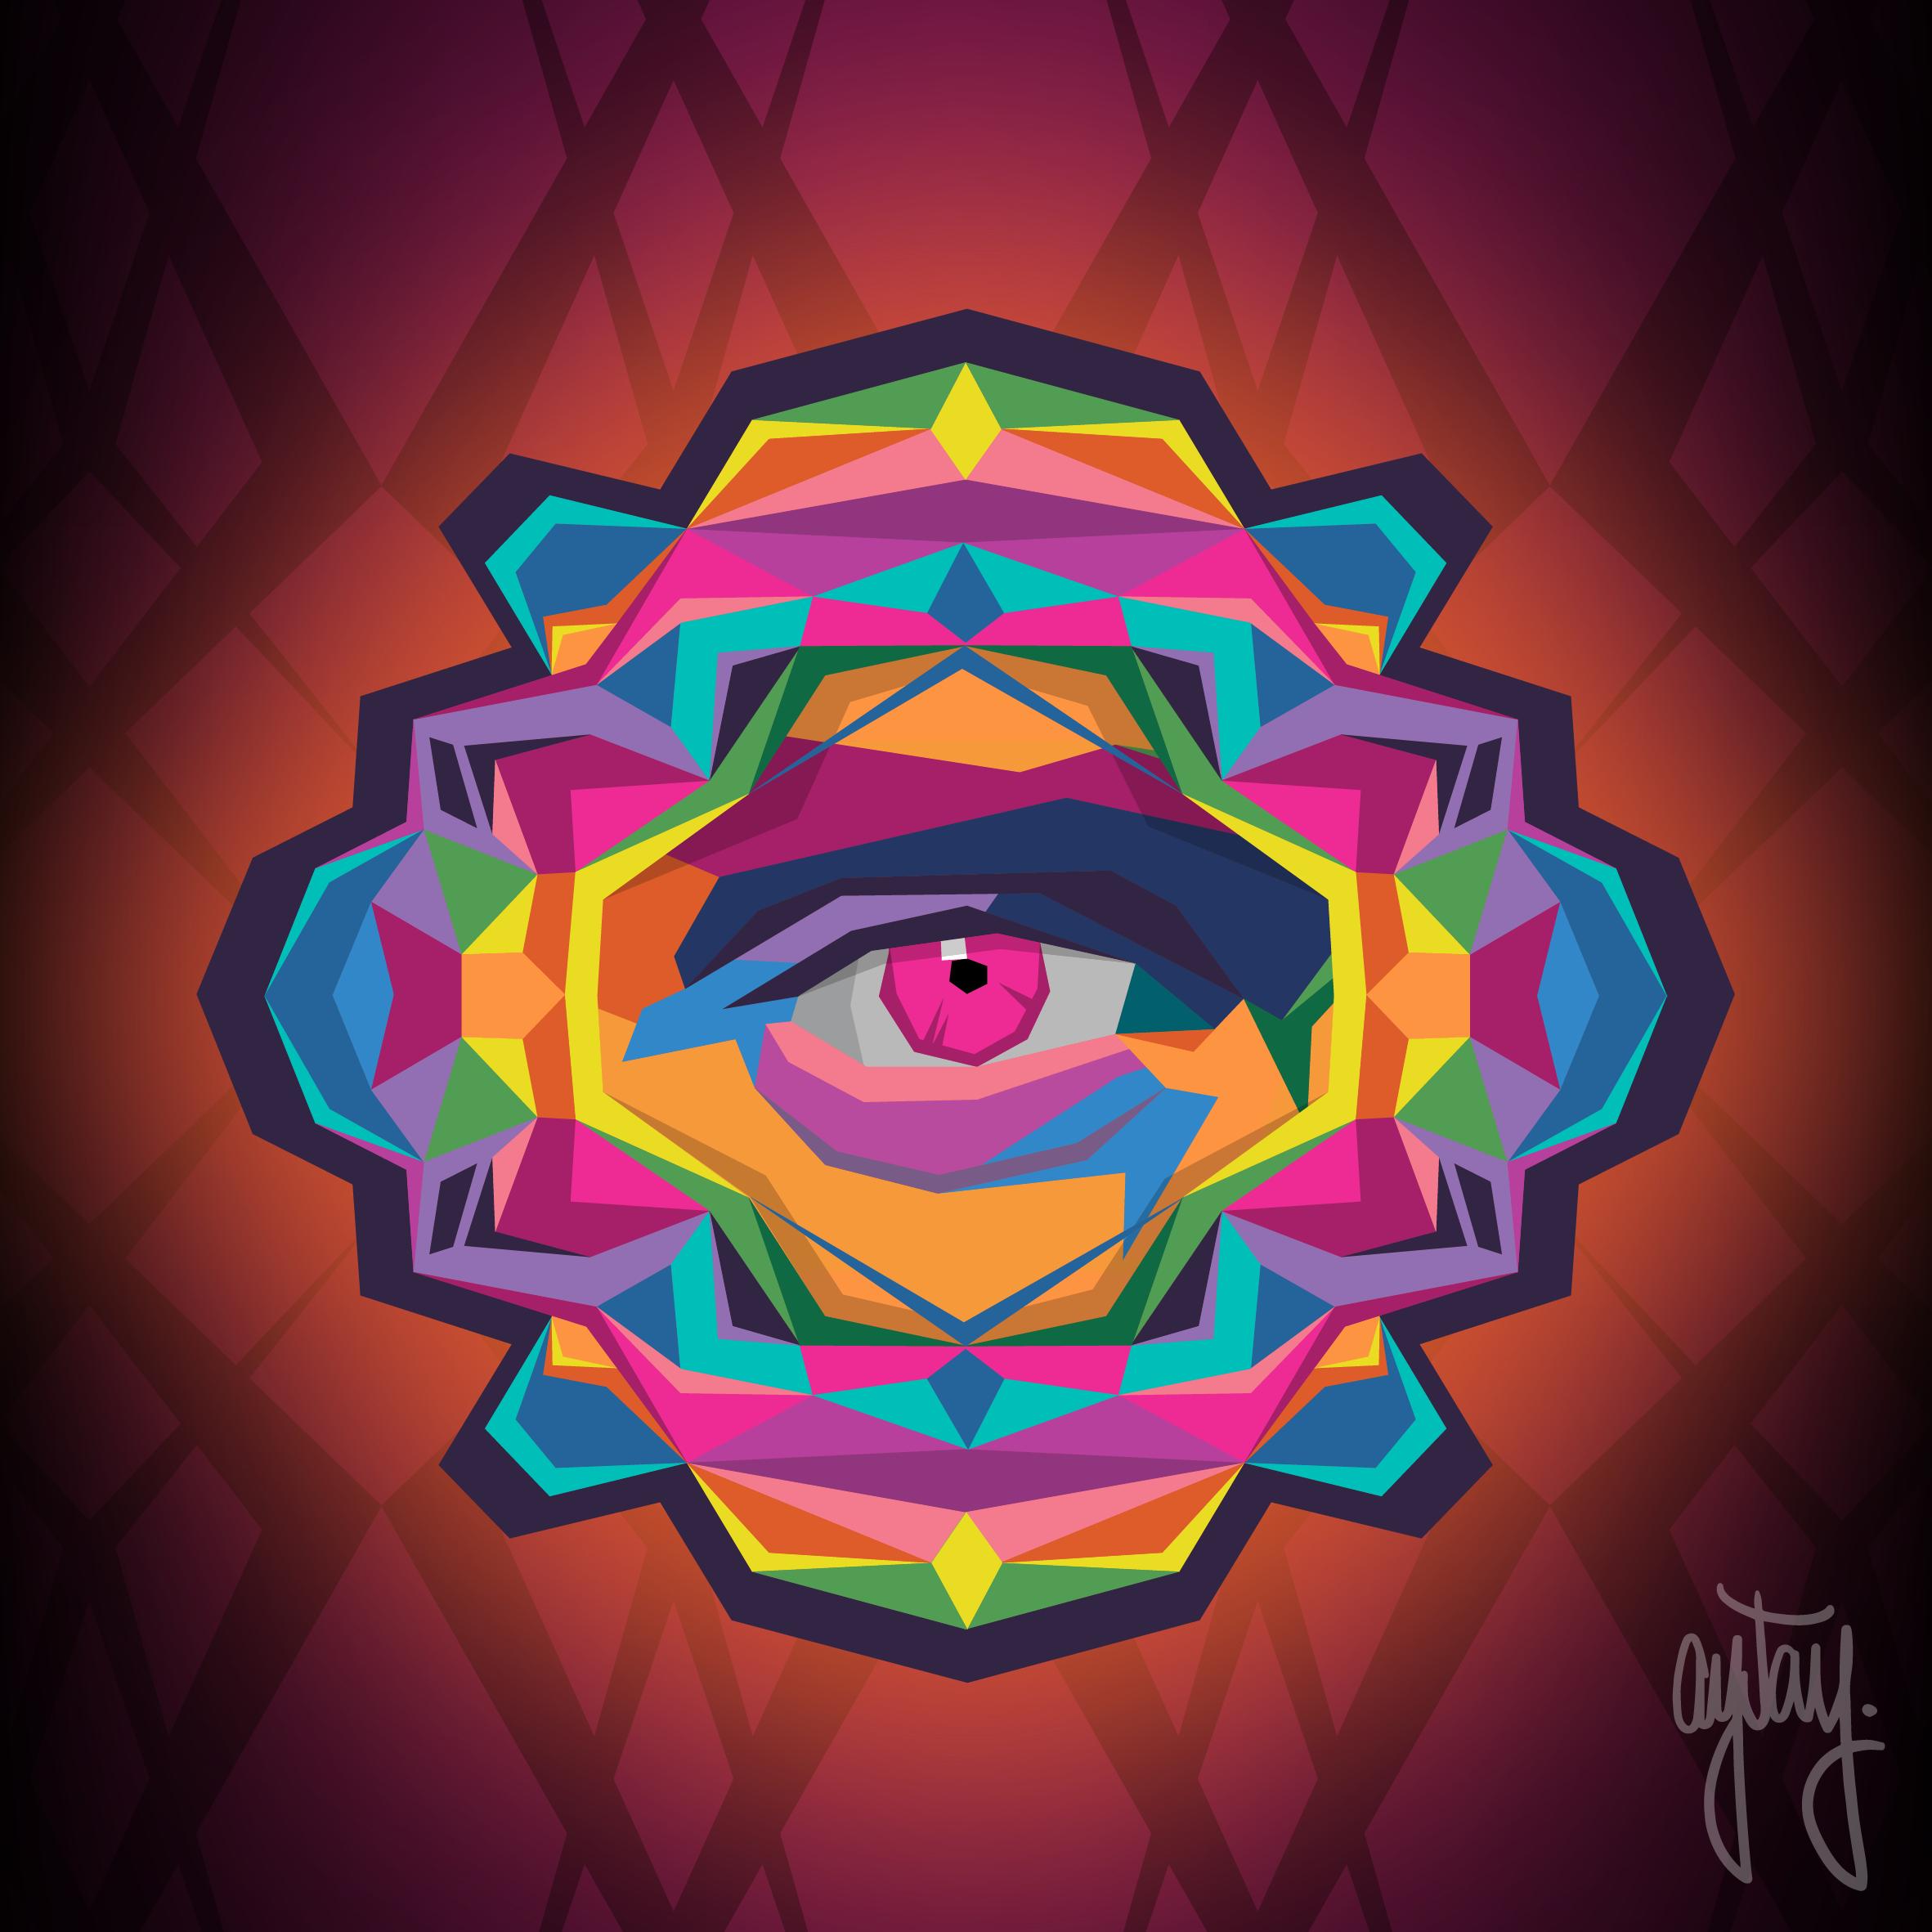 'Consciousness' 2018